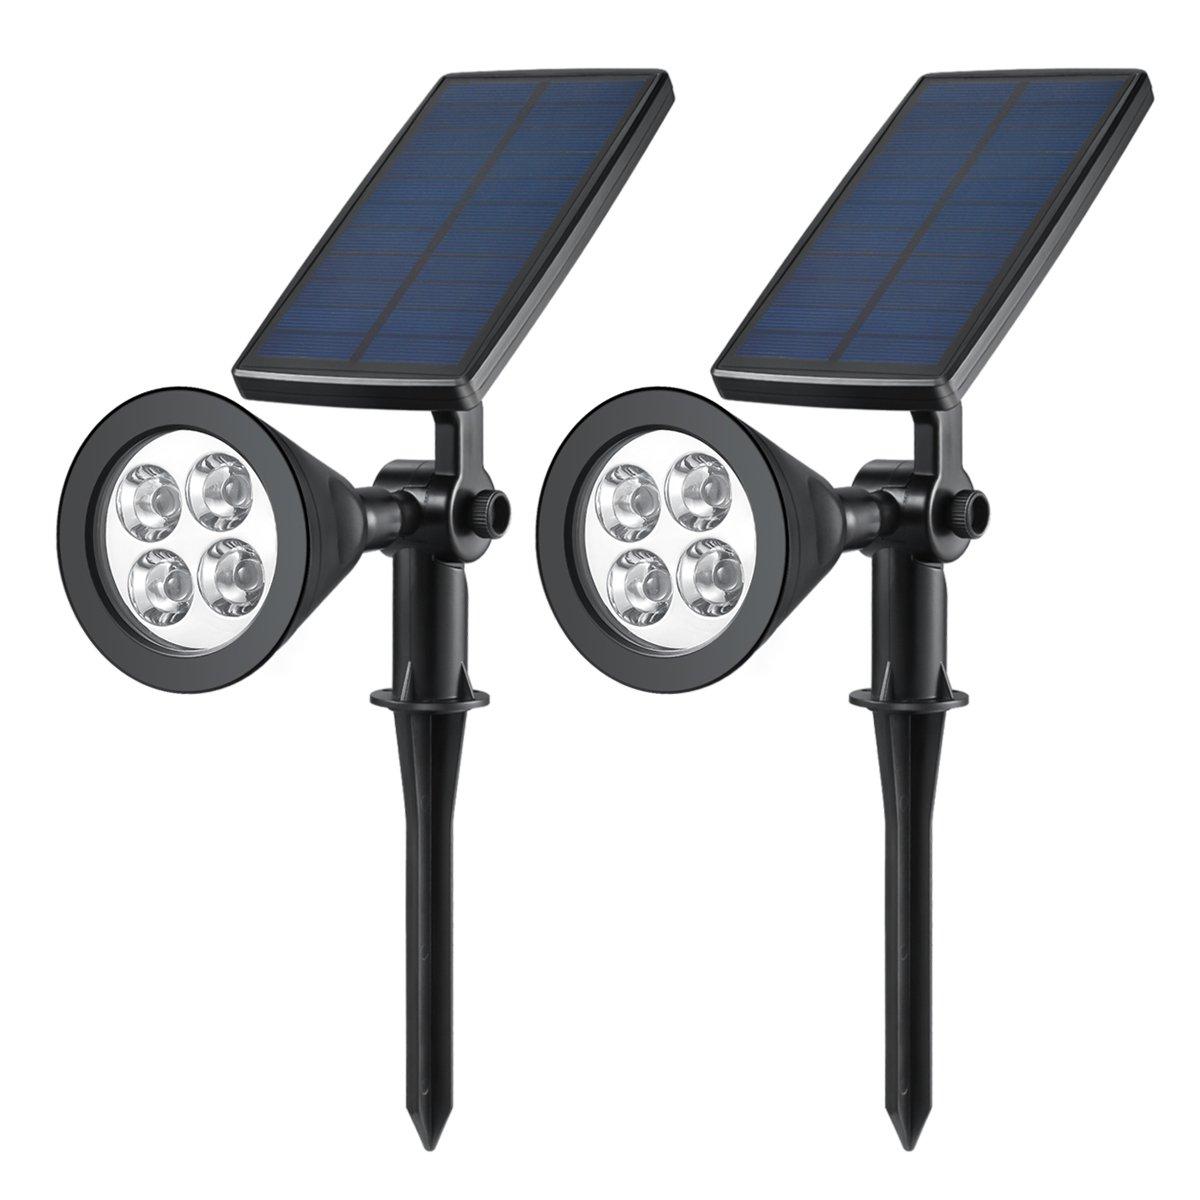 AMIR Solar Lights, 270° Adjustable Solar LED Outdoor Spotlight, Solar Garden Lights, Super Bright 200 Lumens Wall Lights, Outdoor Landscape Waterproof Security Night Lights (2 Pack White) UK-PL6_2PCS